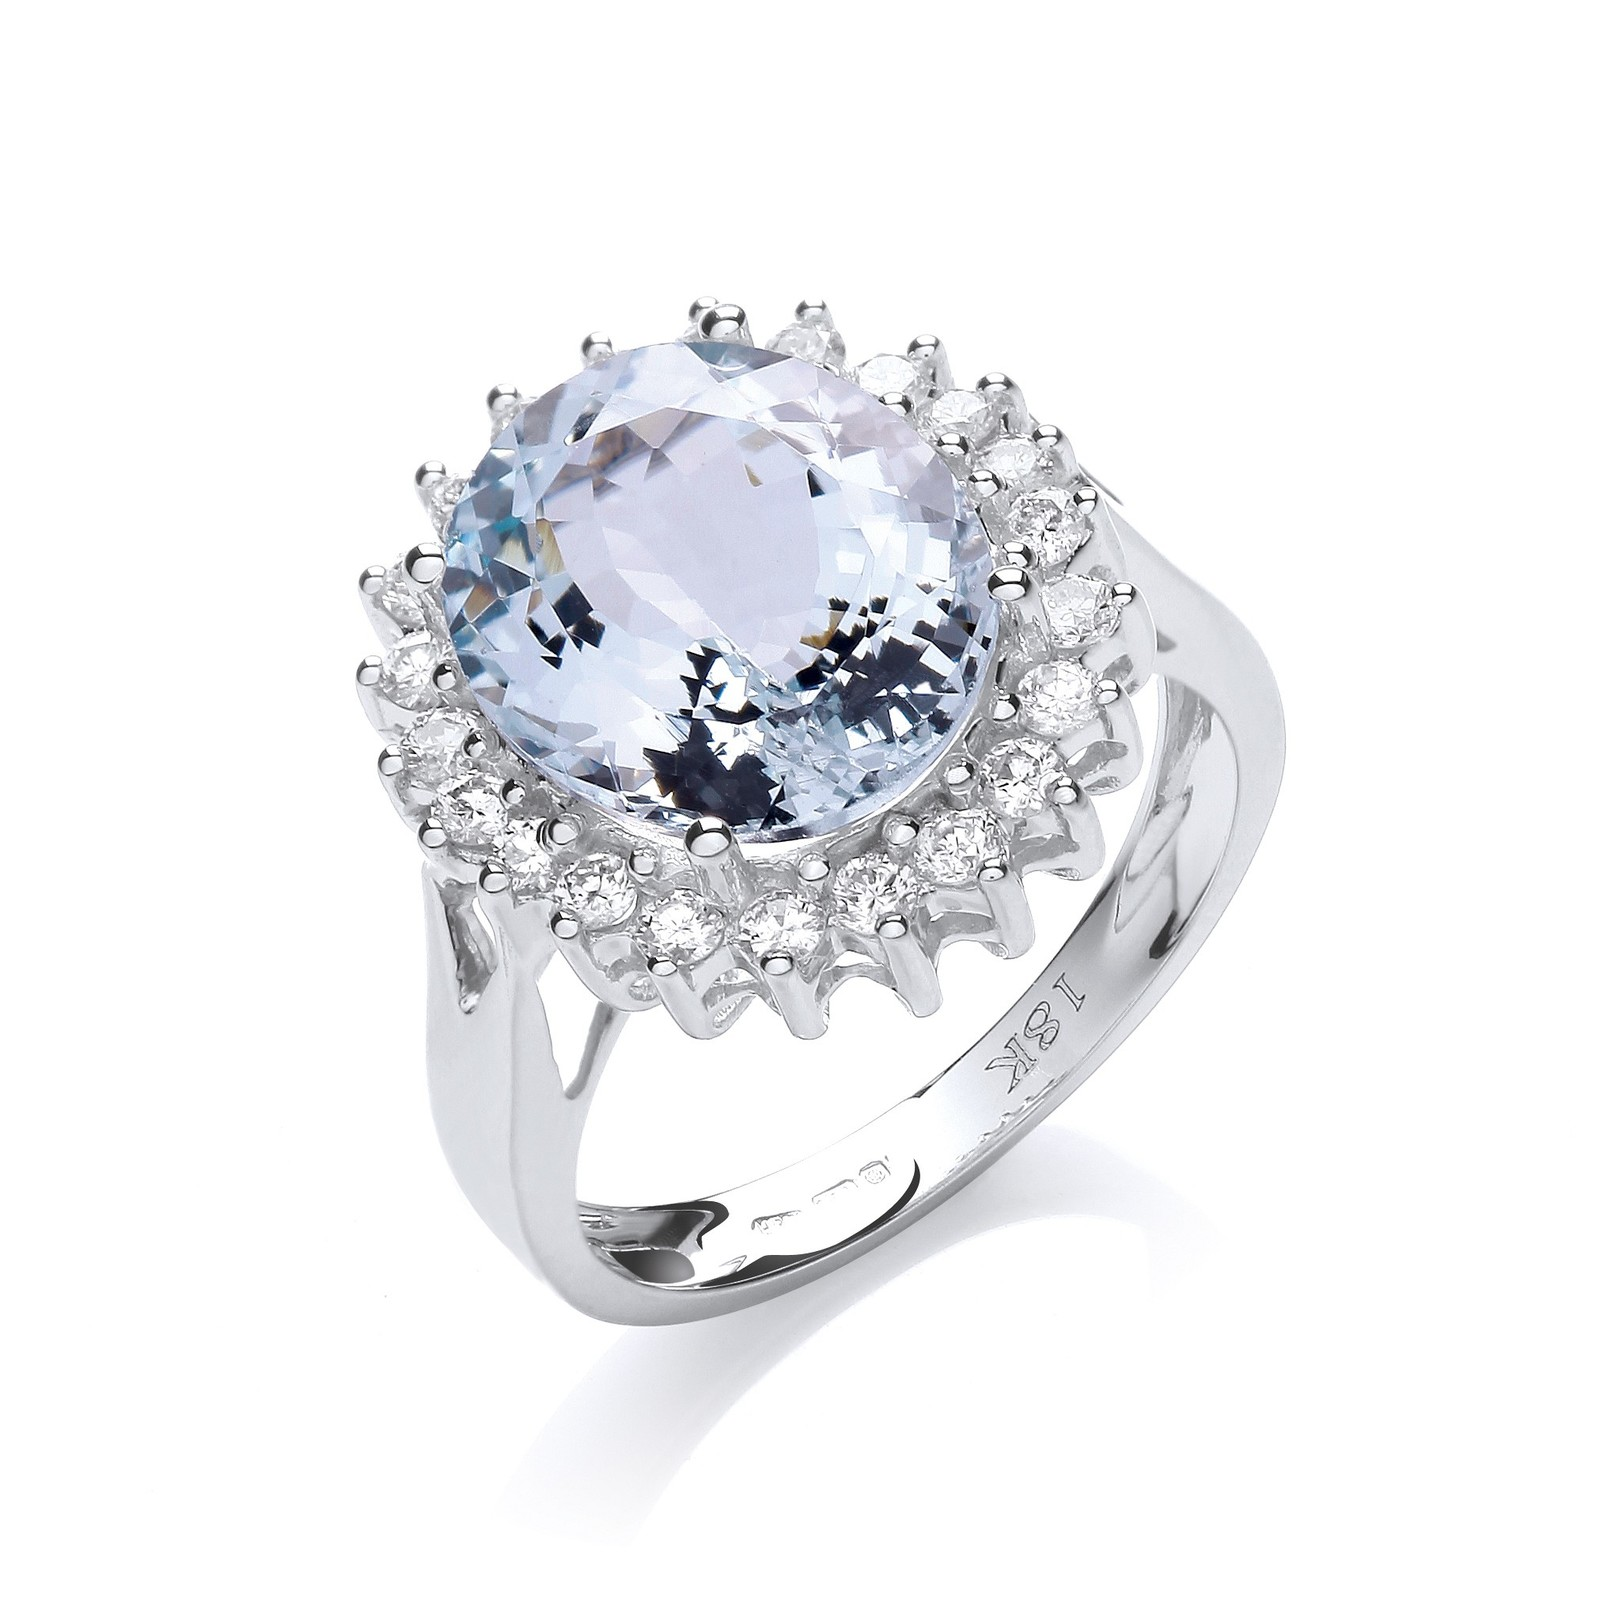 18ct White Gold 0.40ct Diamond & 4.4ct Aquamarine Ring